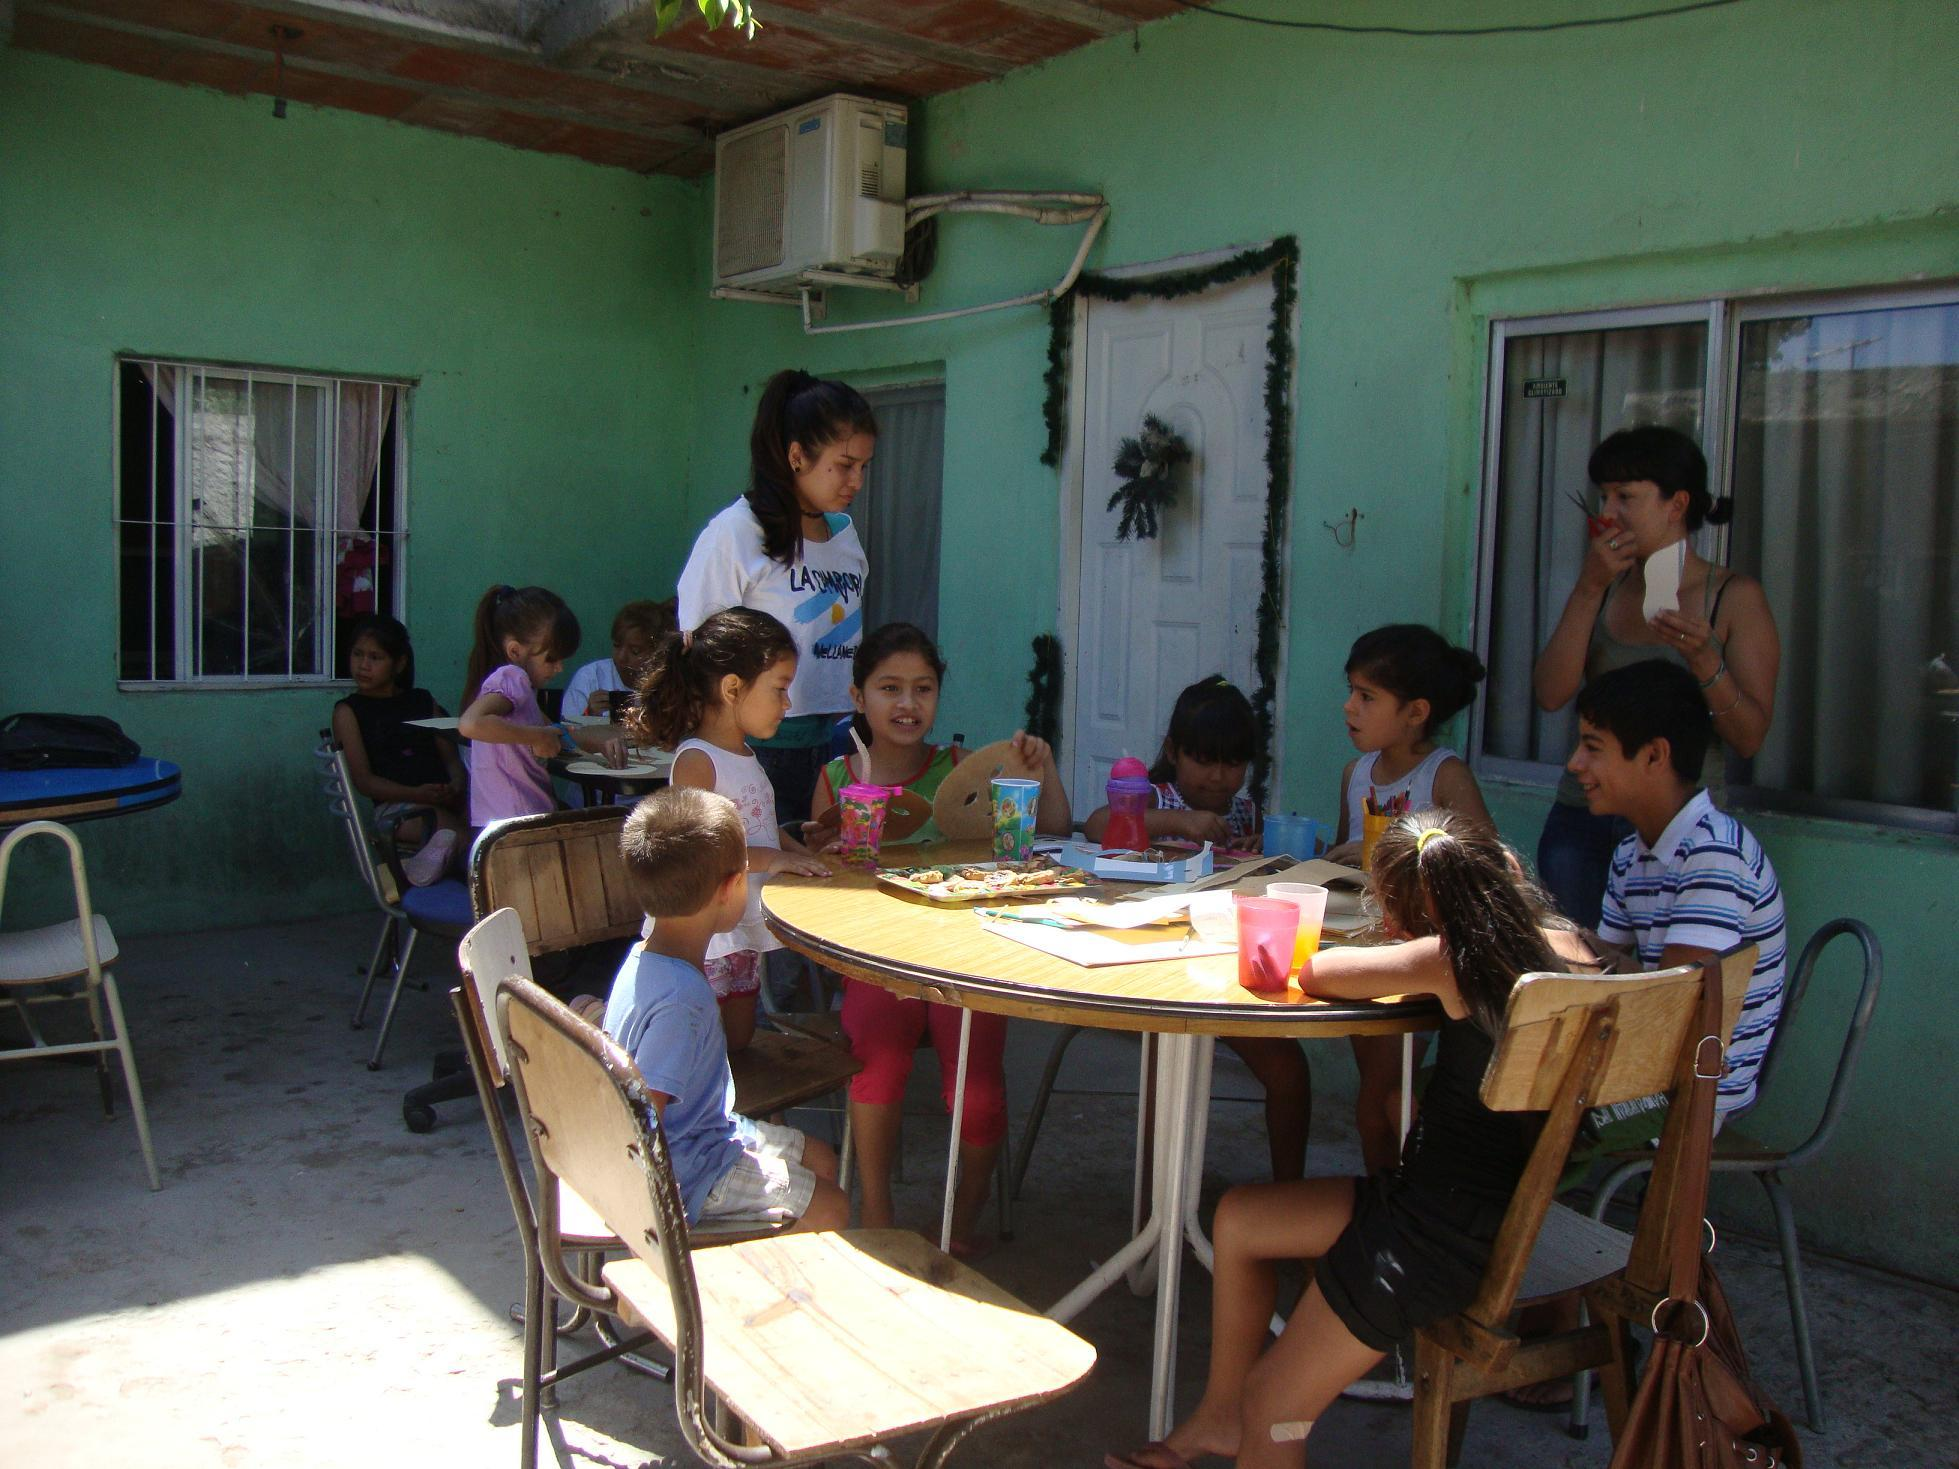 actividad-recreativa-en-el-barrio-santa-catalina-4